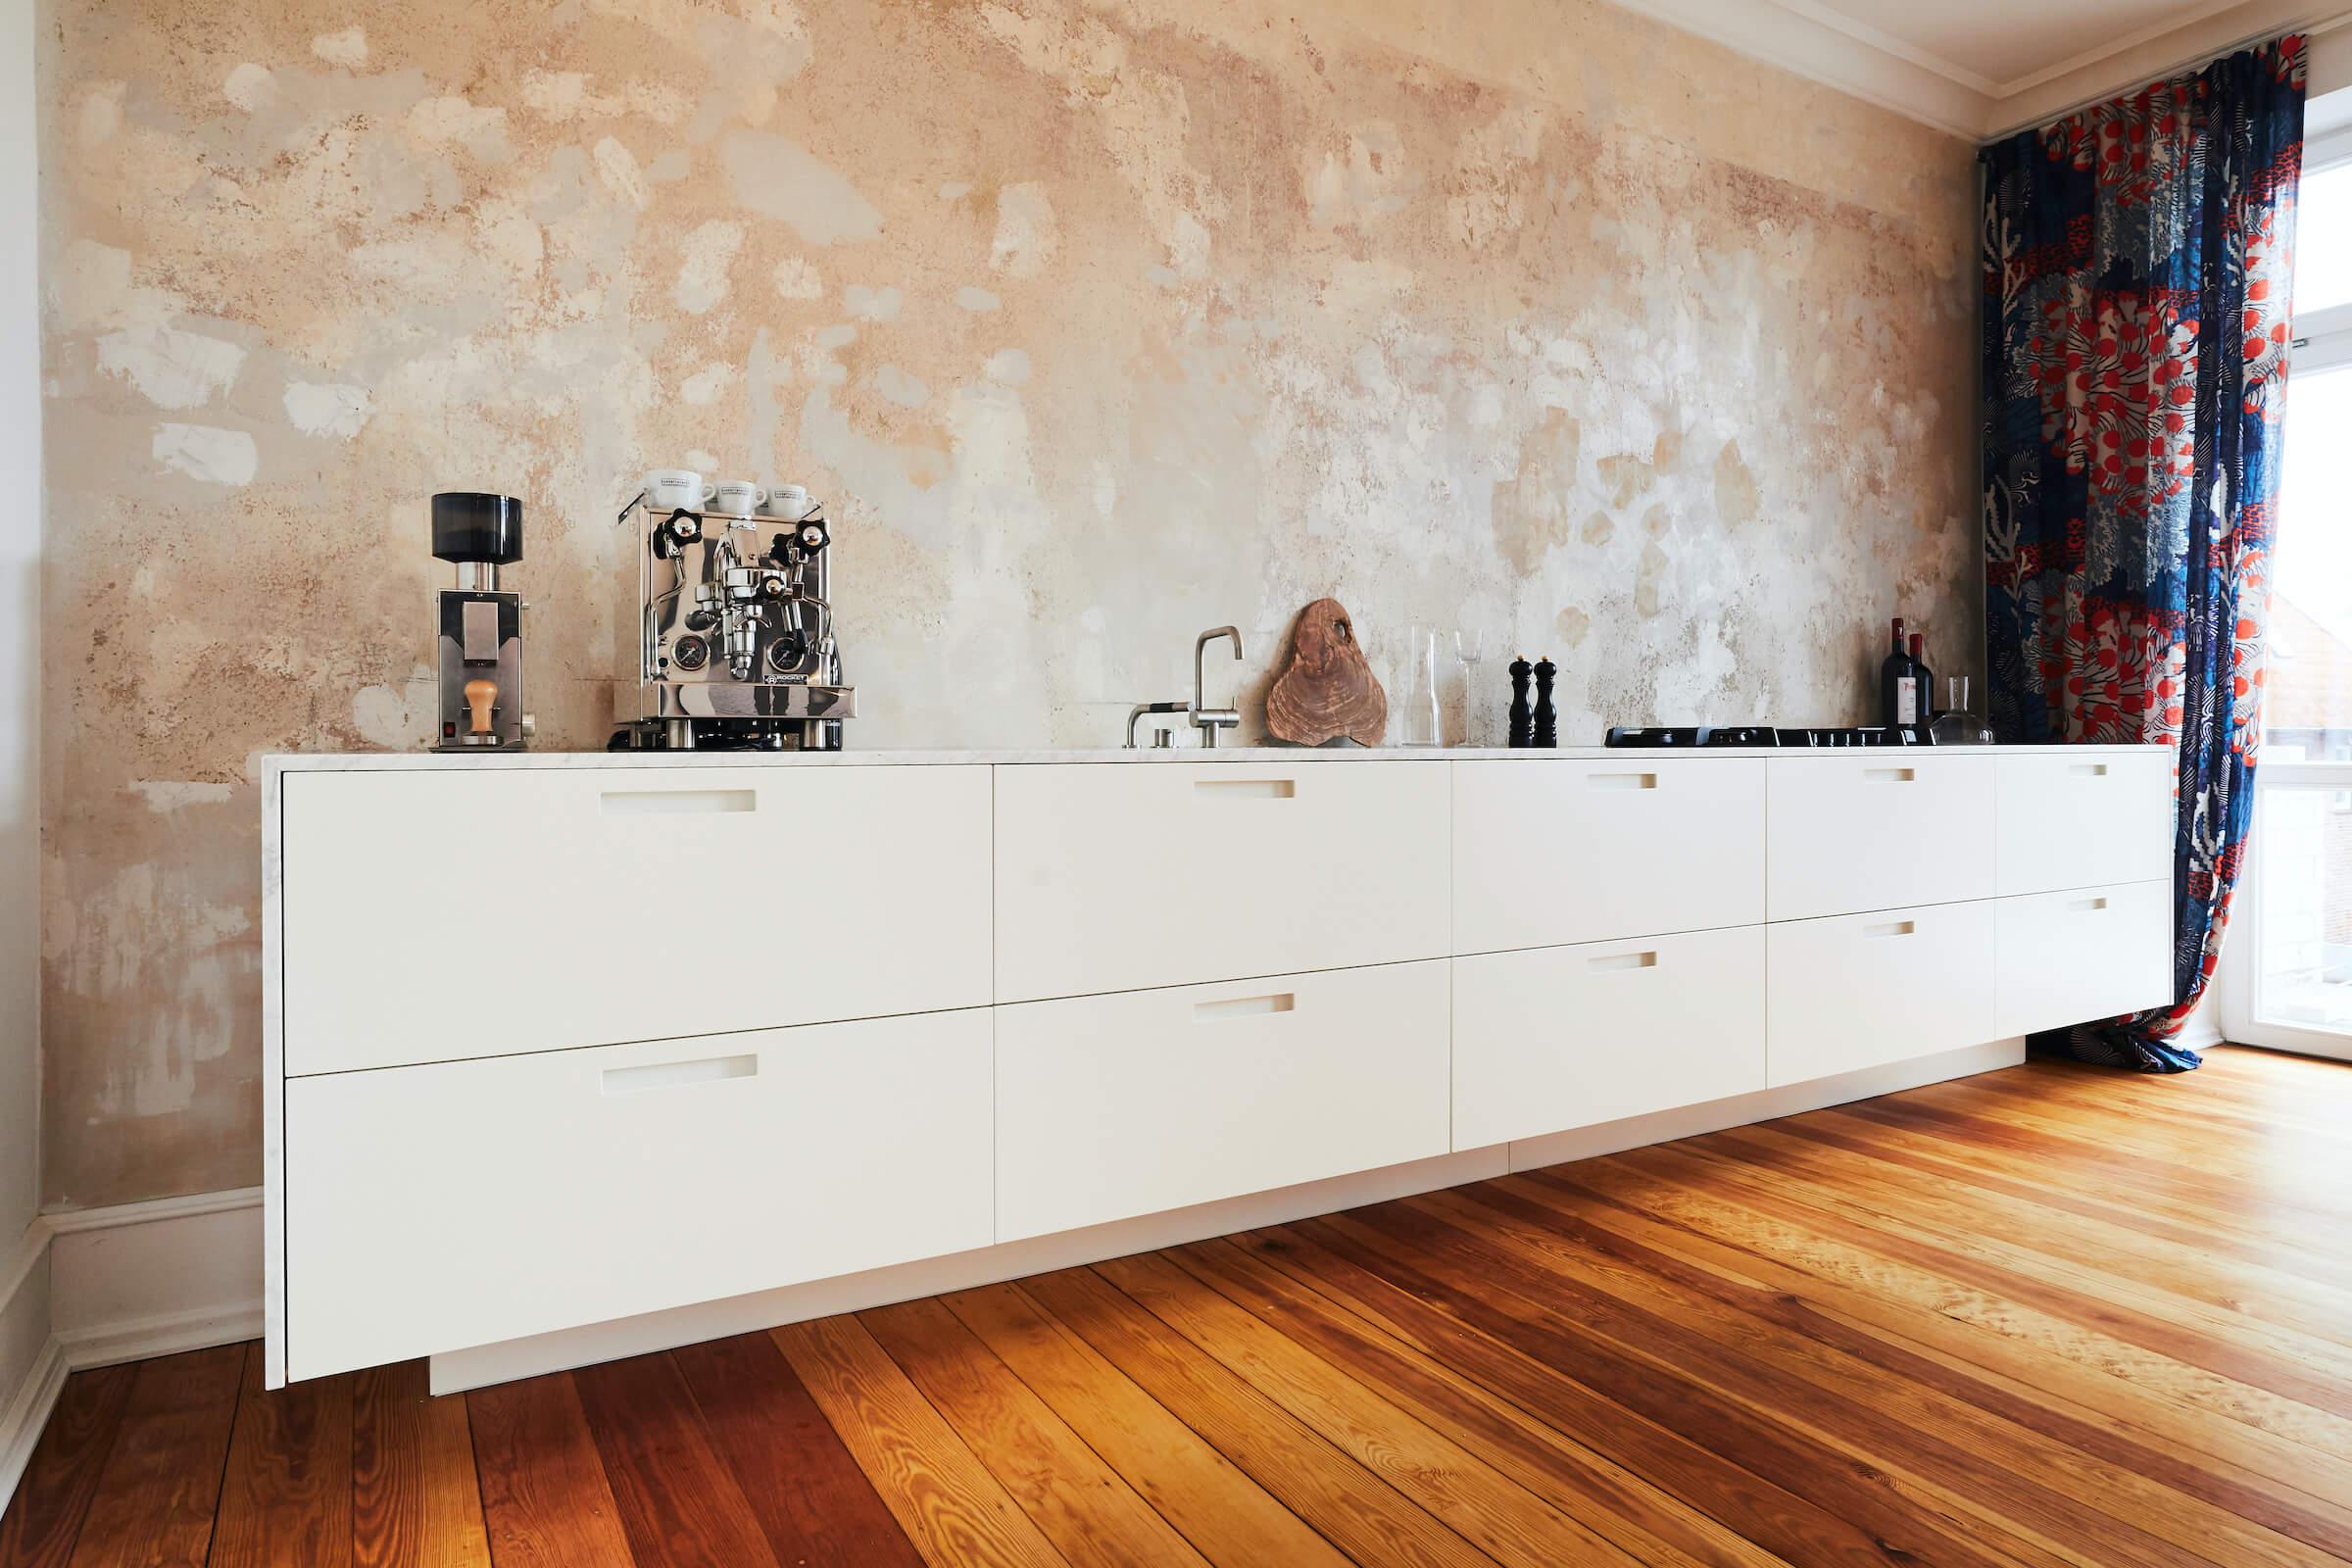 Küchenzeile mit schwebendem Charakter und Marmorarbeitsplatte